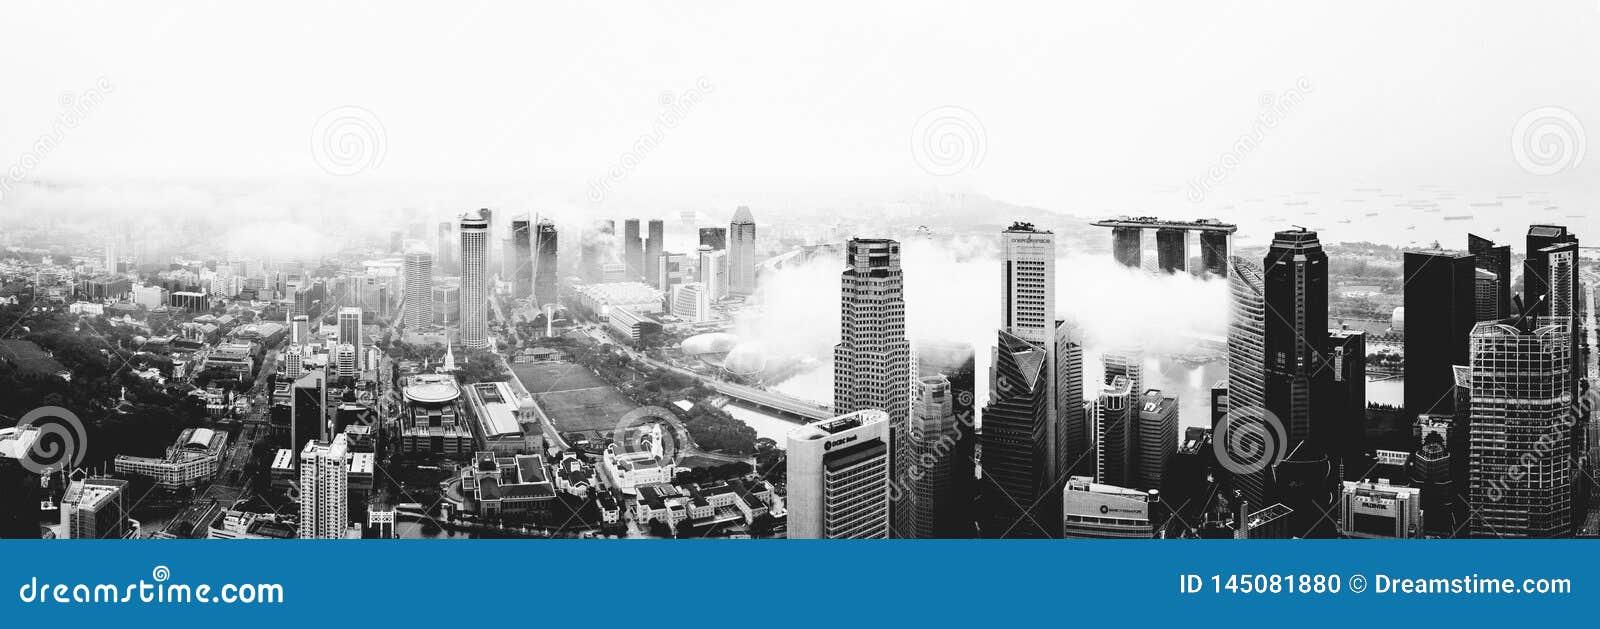 Grattacieli della città CBD di Singapore - tempo nuvoloso - distretto aziendale